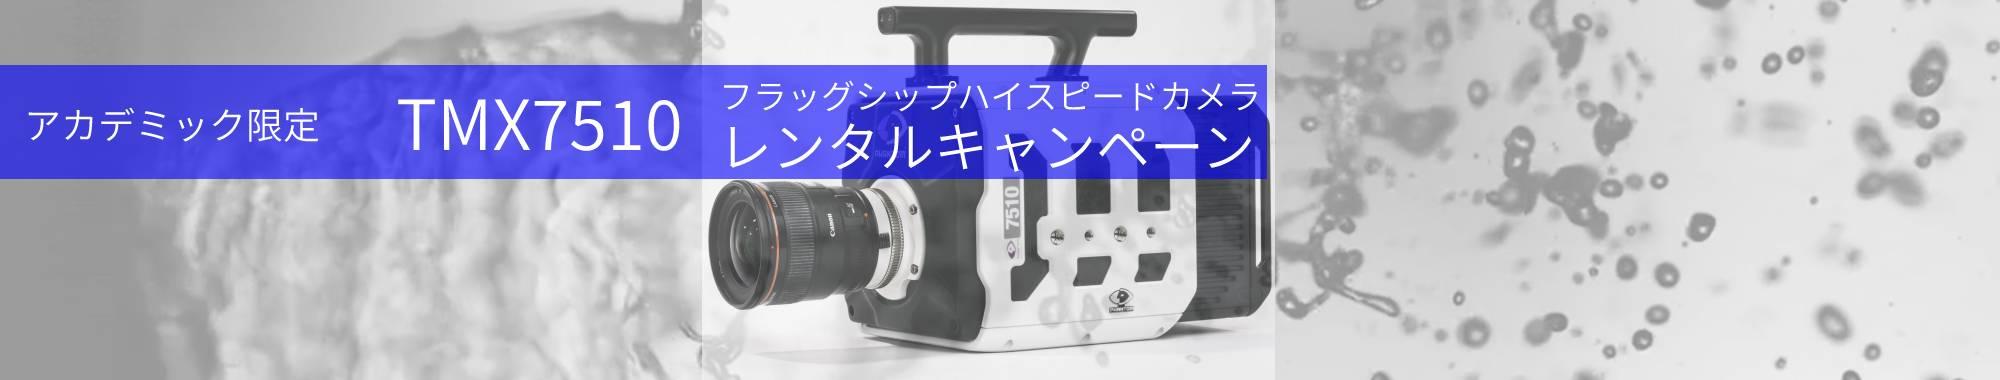 アカデミック限定!フラッグシップハイスピードカメラTMXお試し格安レンタルキャンペーンのお知らせ!